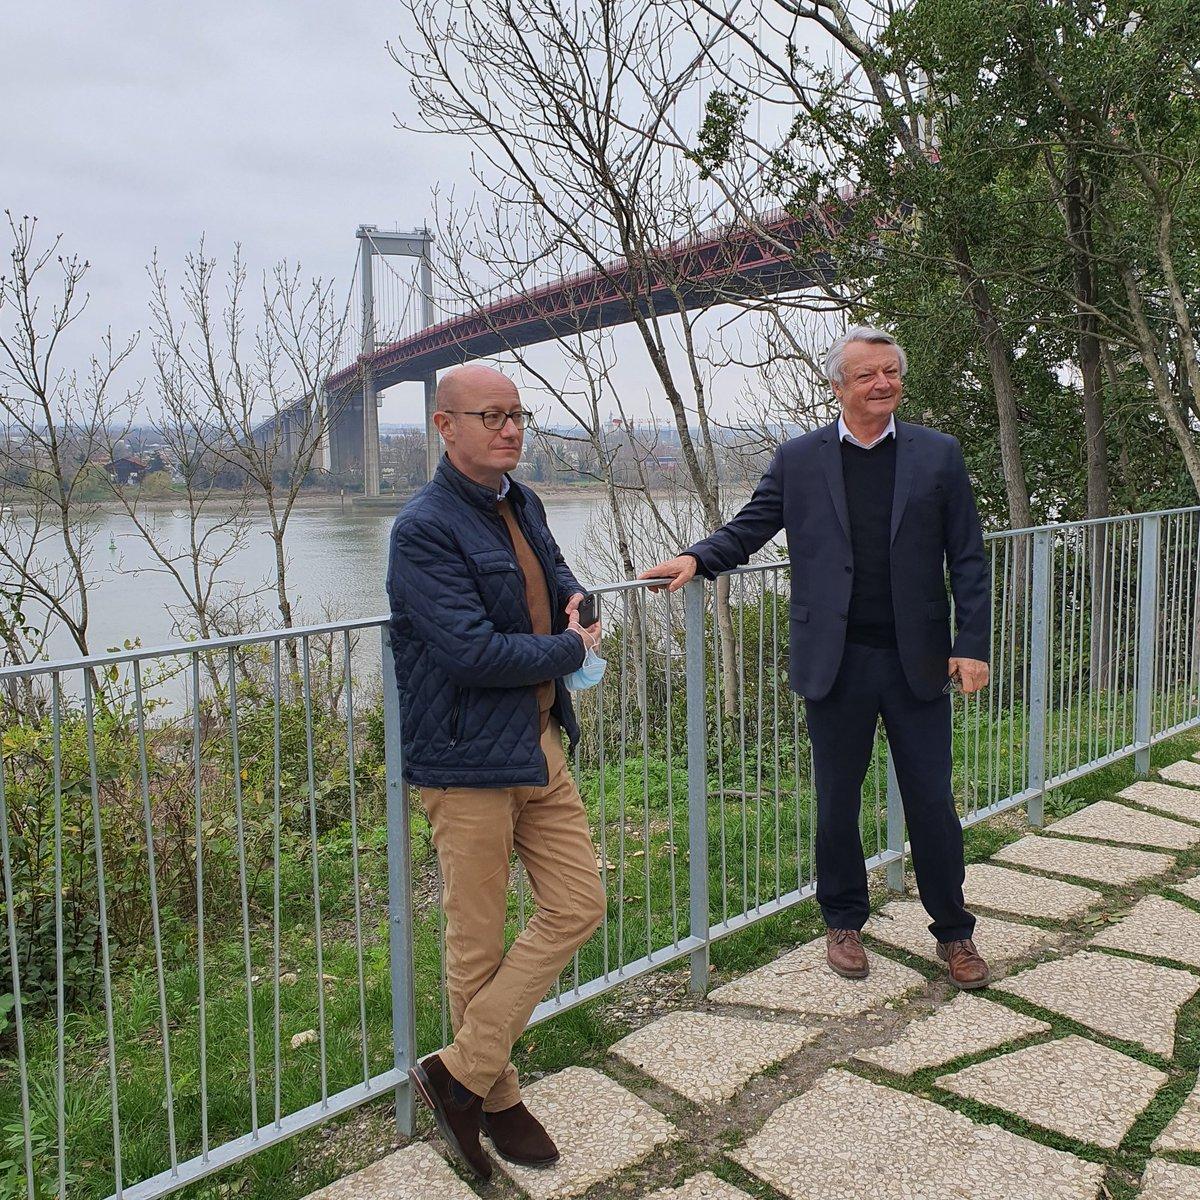 Aujourd'hui, le président du département de la @gironde était en visite à #Lormont avec le maire, Jean Touzeau, pour soutenir les actions #culture et #nature menées par la ville. #Gironde #visite #rencontre #echanges #NouvelleAquitaine https://t.co/VuwpCBjprl